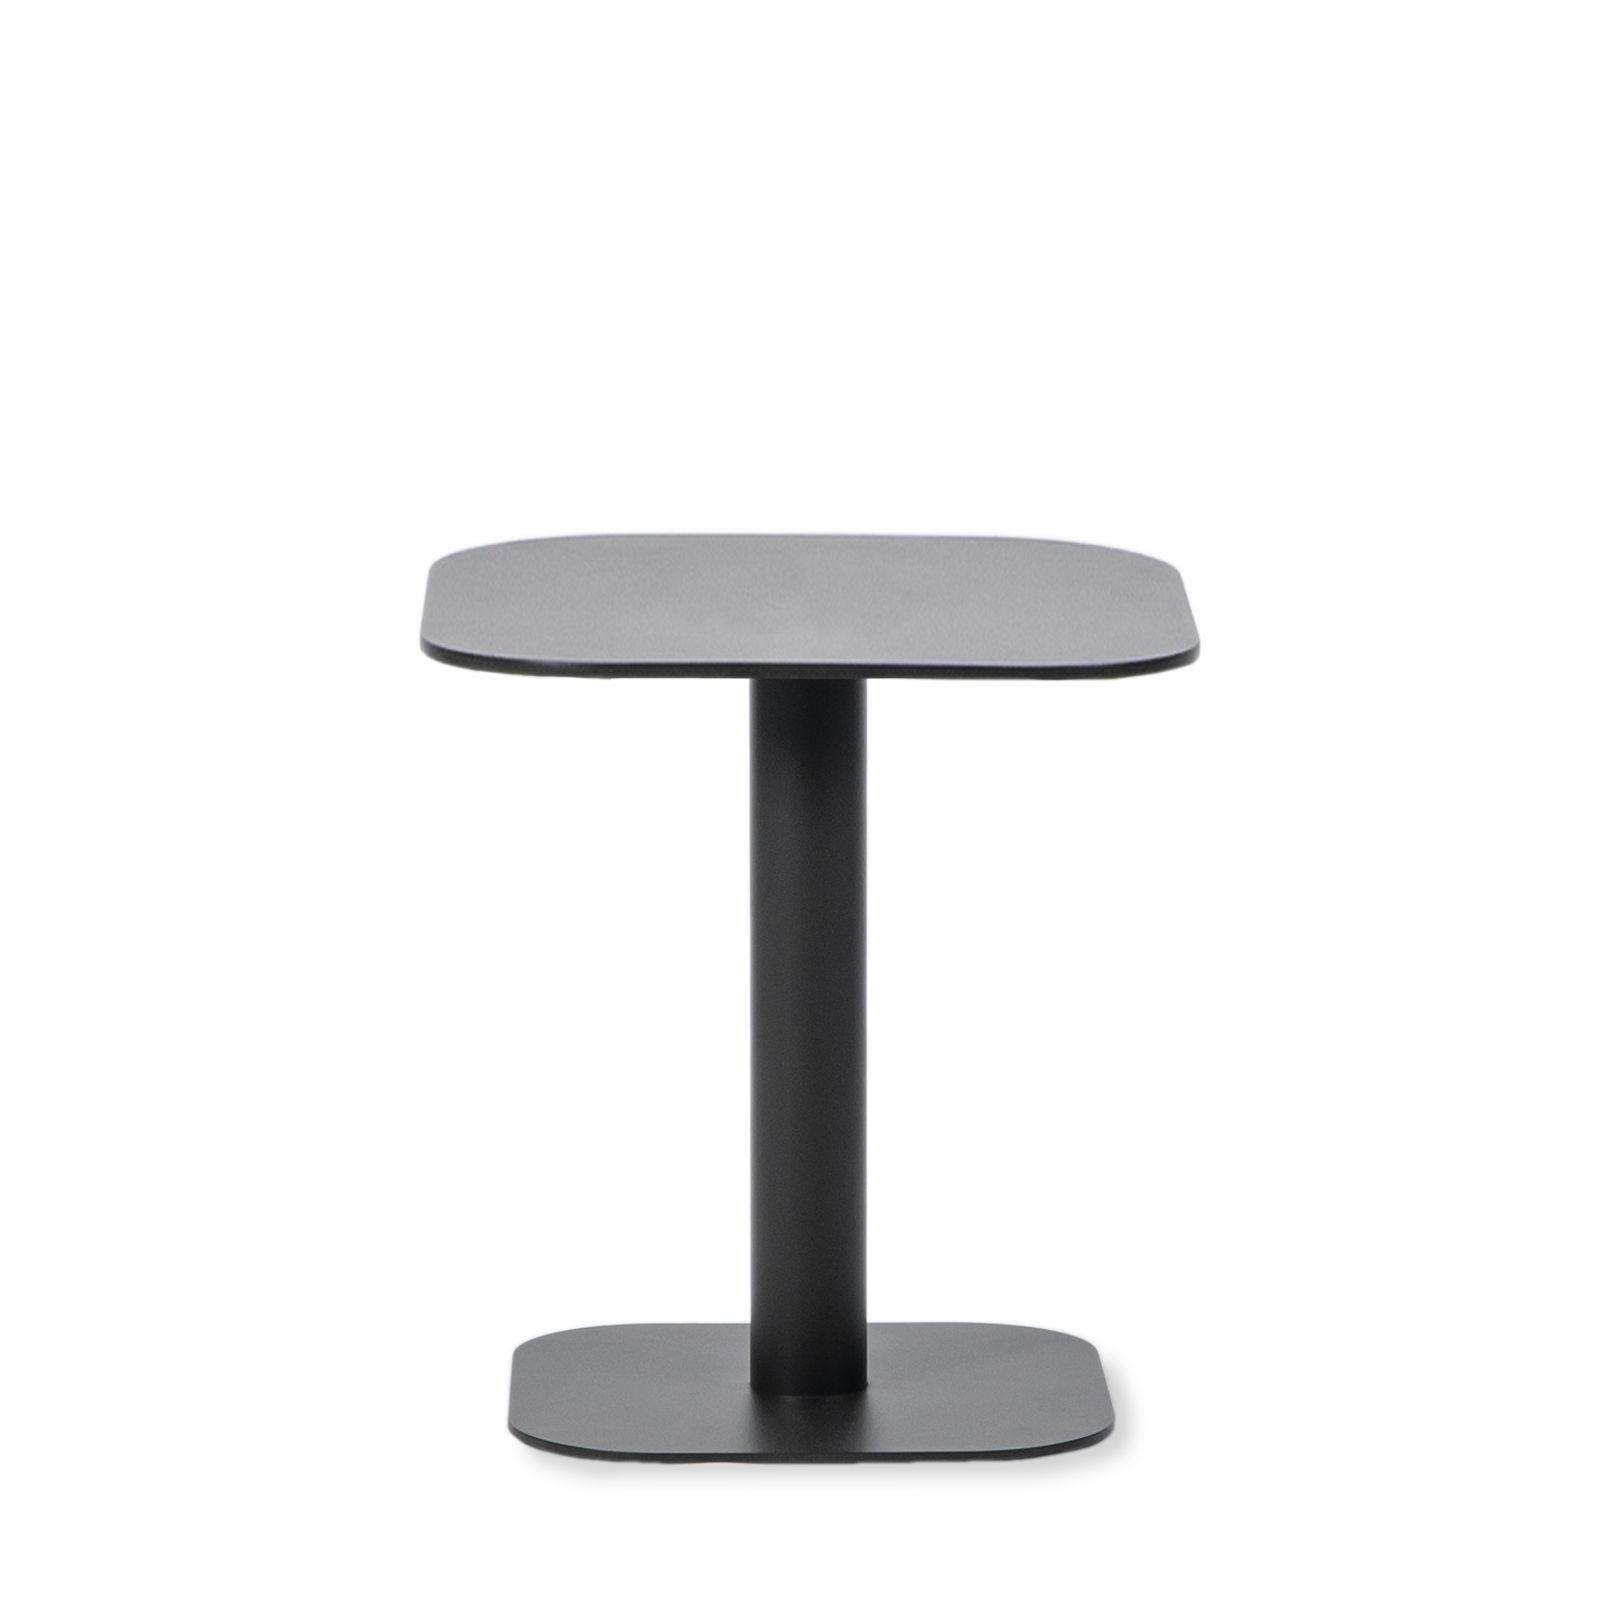 Möbel - Couchtische - Kodo Beistelltisch / 41 x 41 cm - Aluminium - Vincent Sheppard - Fossilgrau - Aluminium thermolaqué